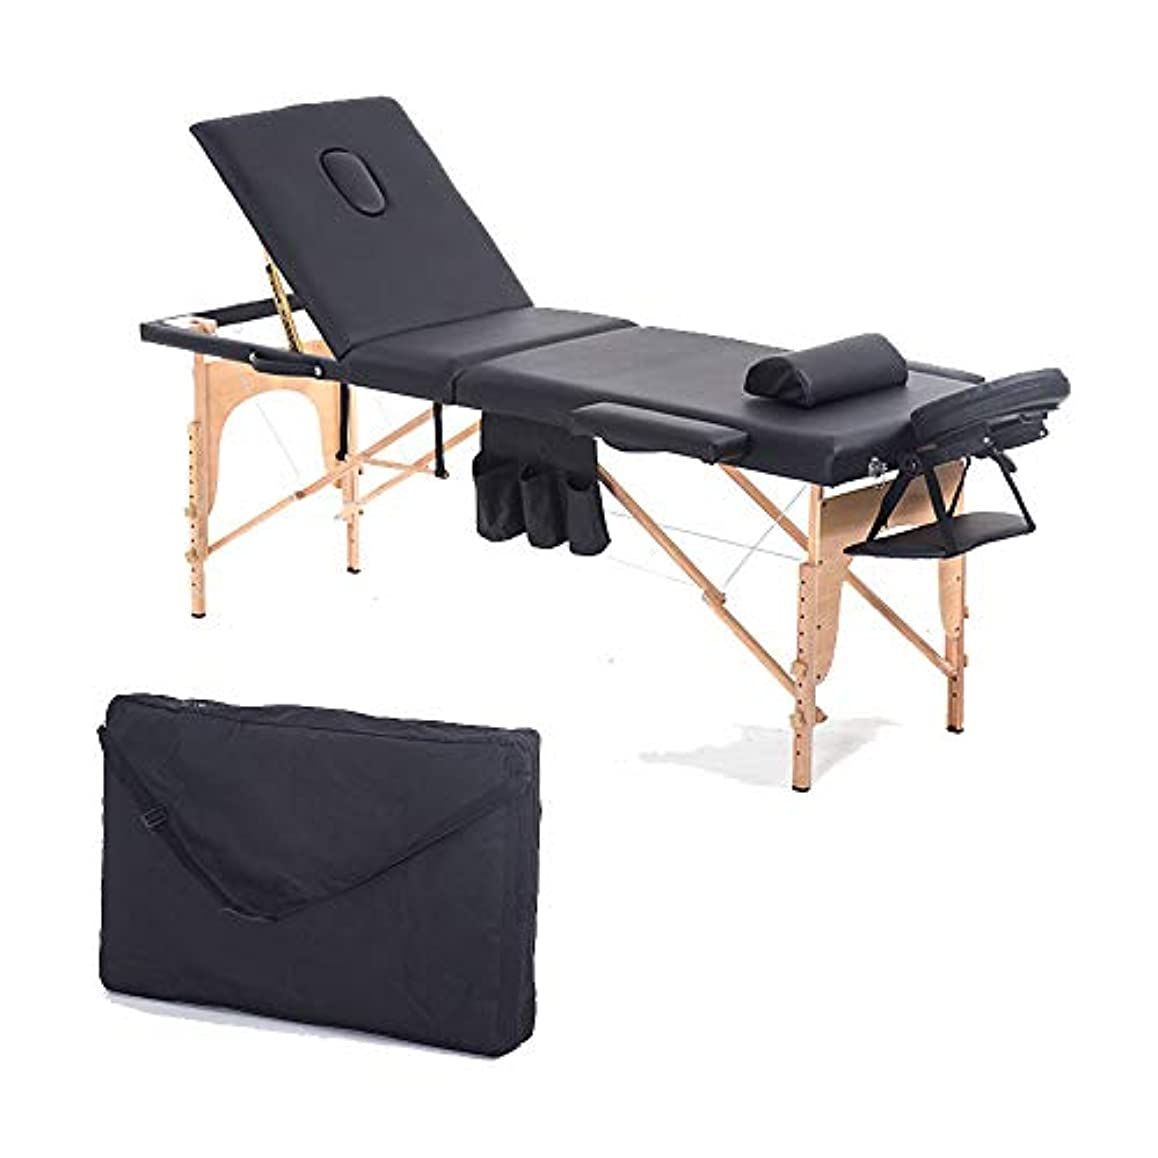 十液化する滑り台3節マッサージベッドポータブルサロン家具木製ベッド折り畳み式のビューティーボディ?フェイシャル?スパタトゥータイマッサージベッド